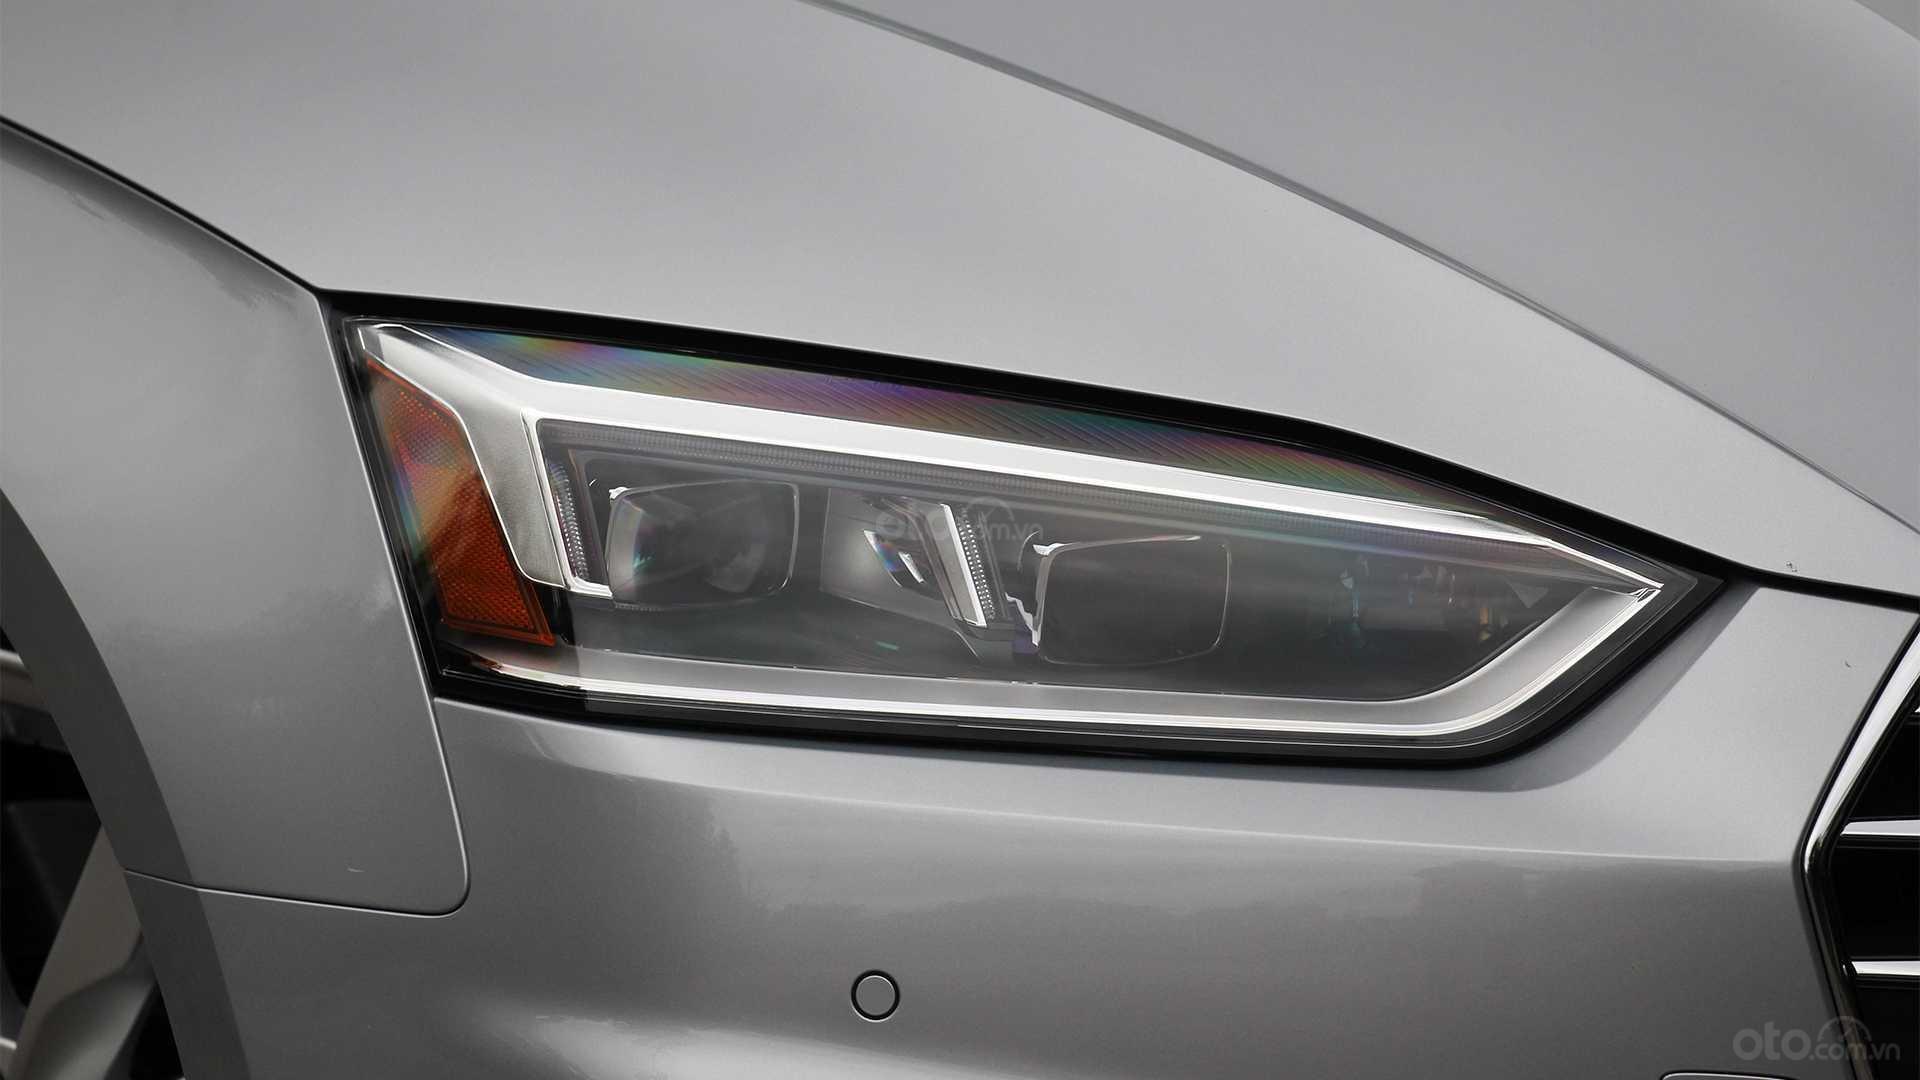 Đánh giá xe Audi A5 2019 - đèn trước